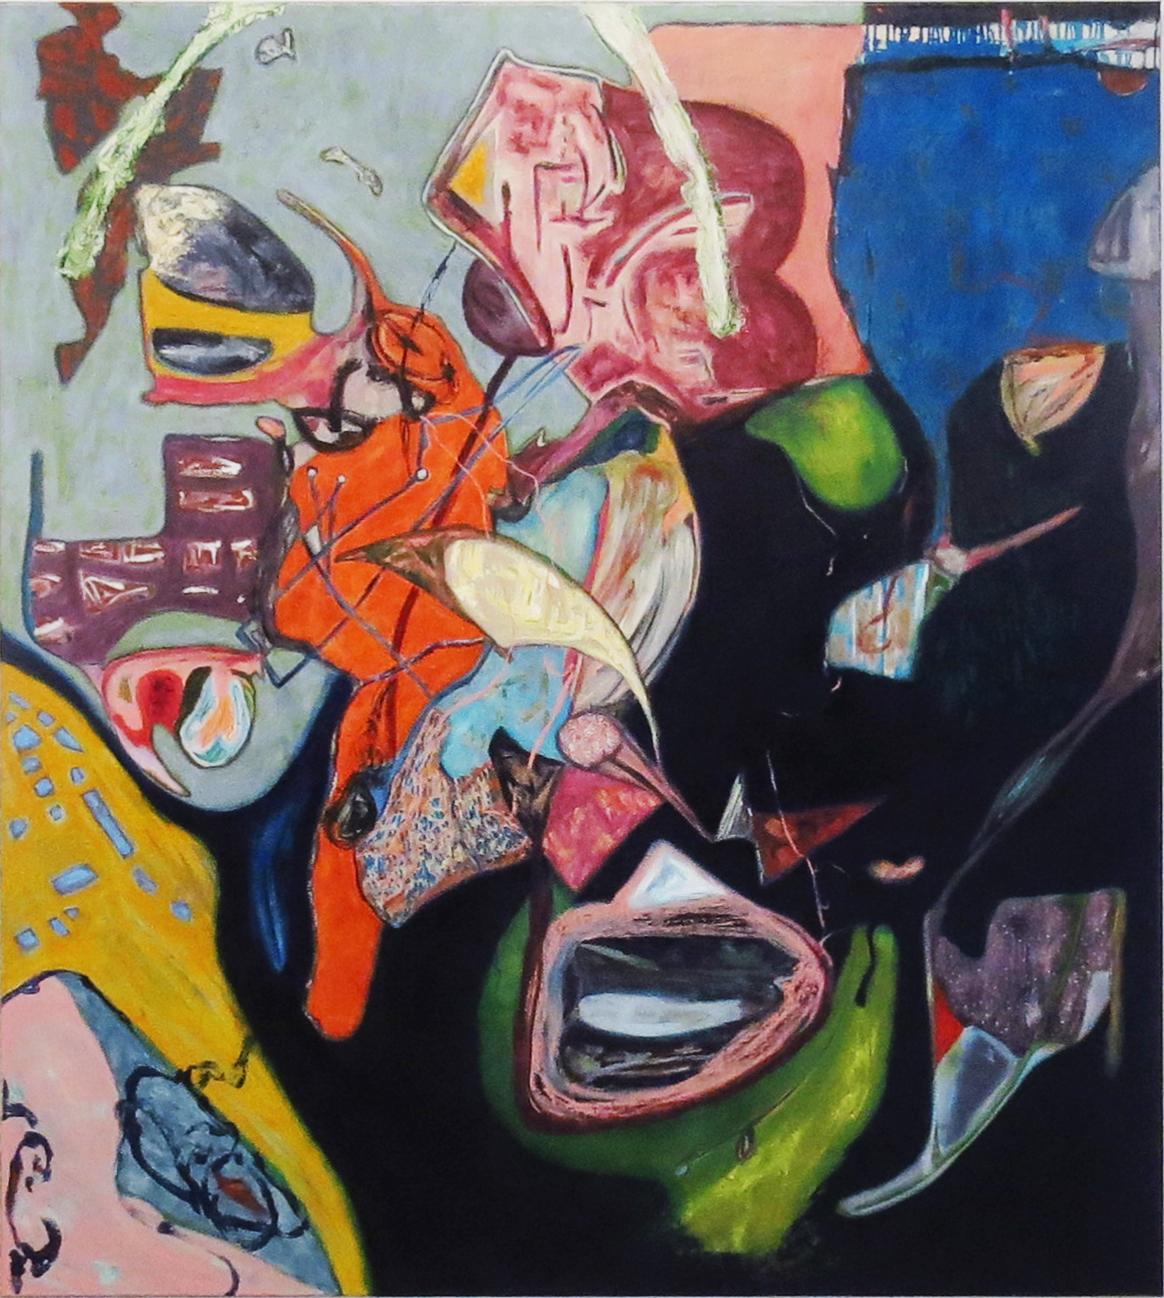 Sarah Dwyer   Marmion , 2014 oil on linen 80.31 x 72.83 inches 204 x 185 cm